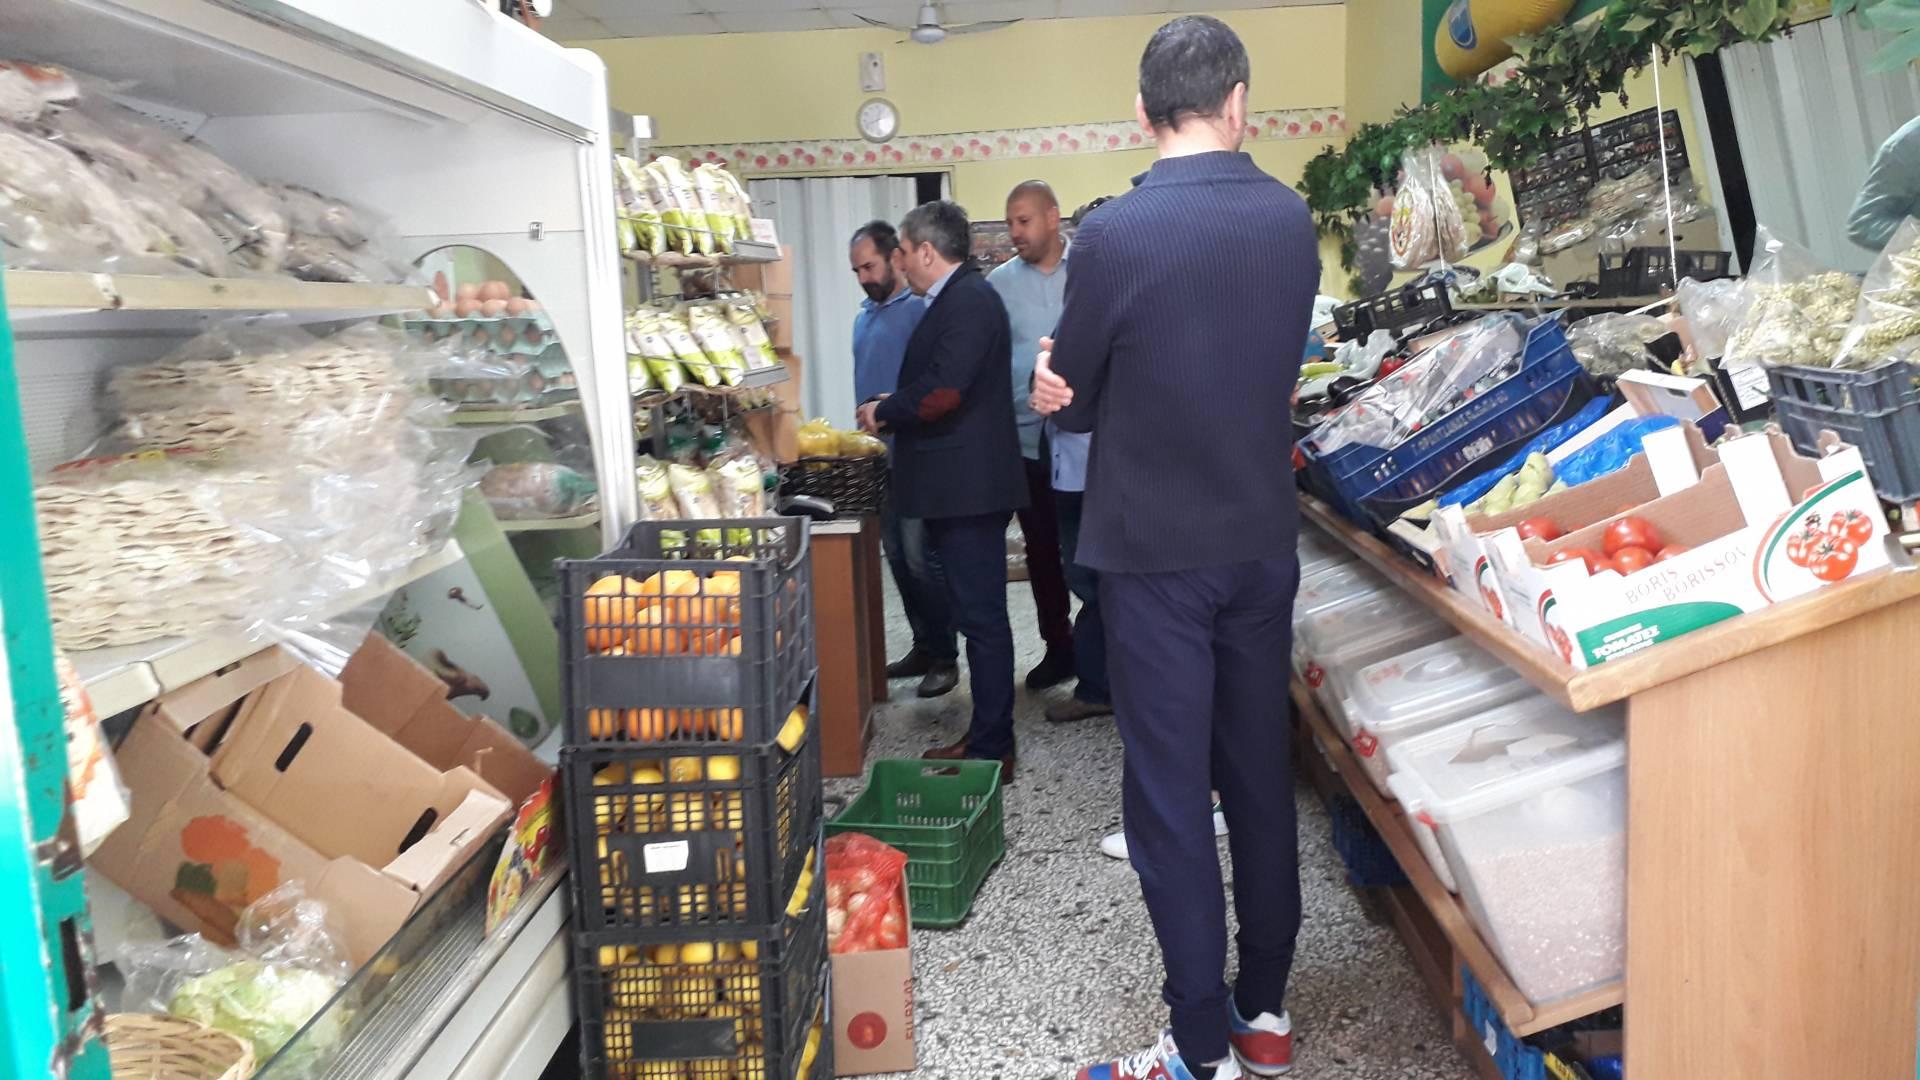 Επίσκεψη του Κώστα Παλάσκα στην αγορά των Γρεβενών